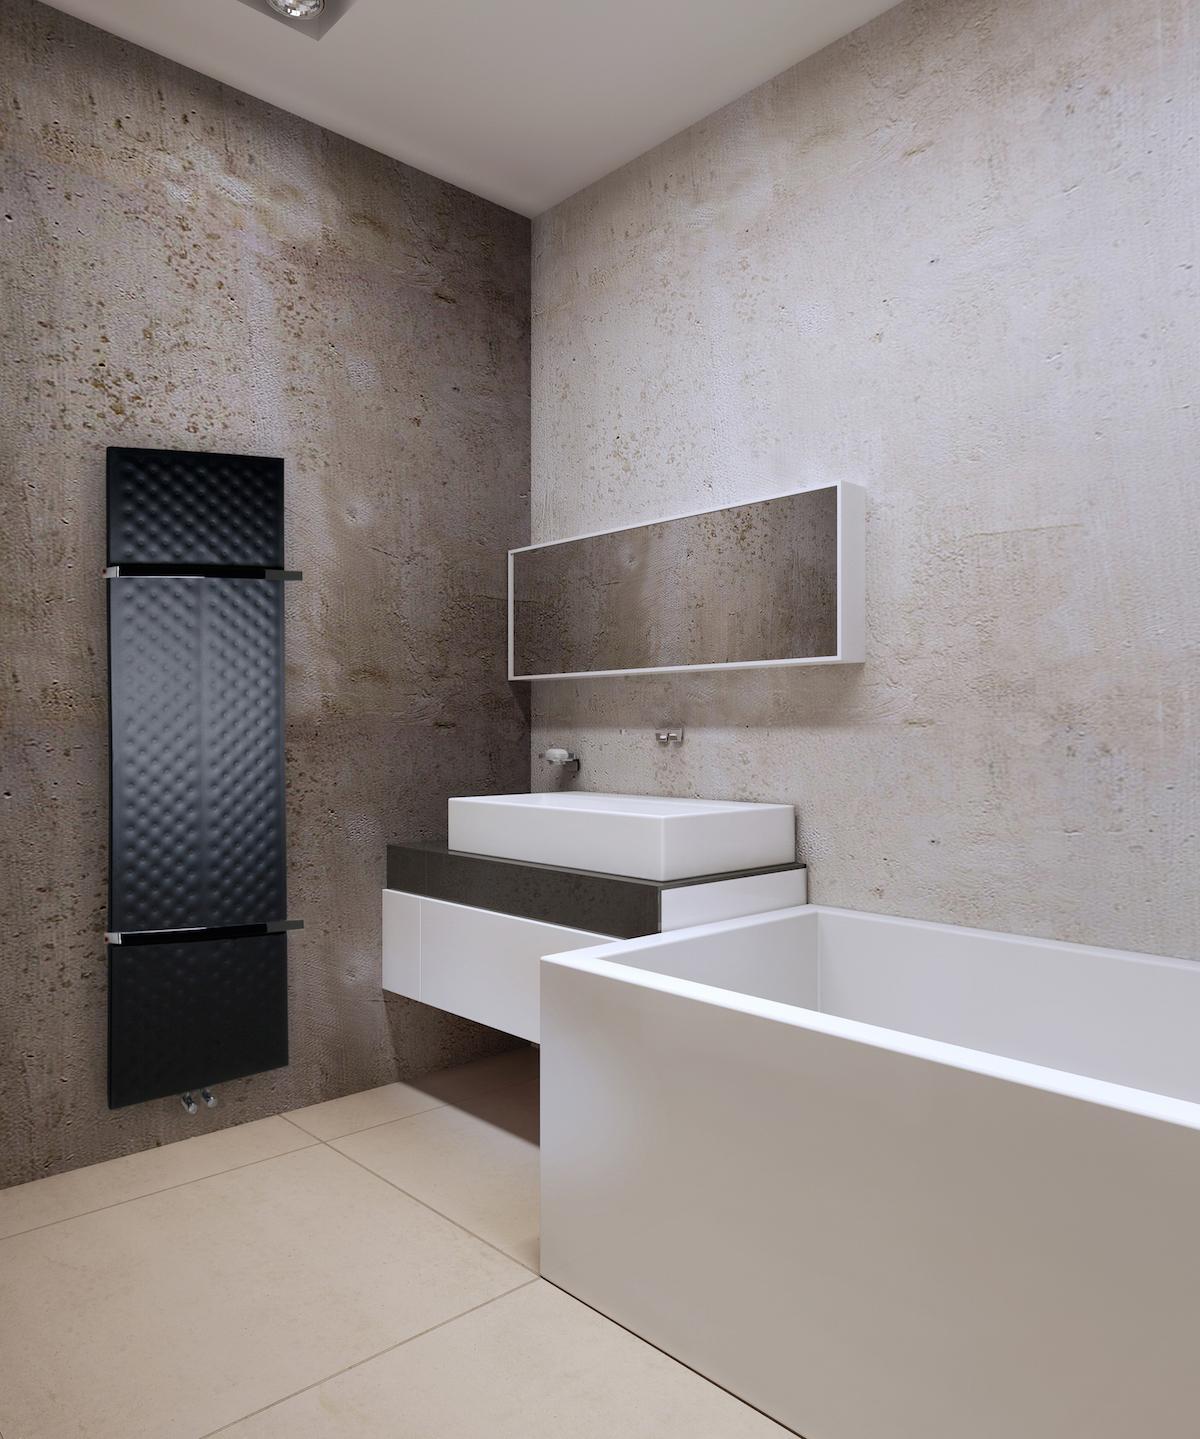 Tenký černý radiátor v moderní koupelně